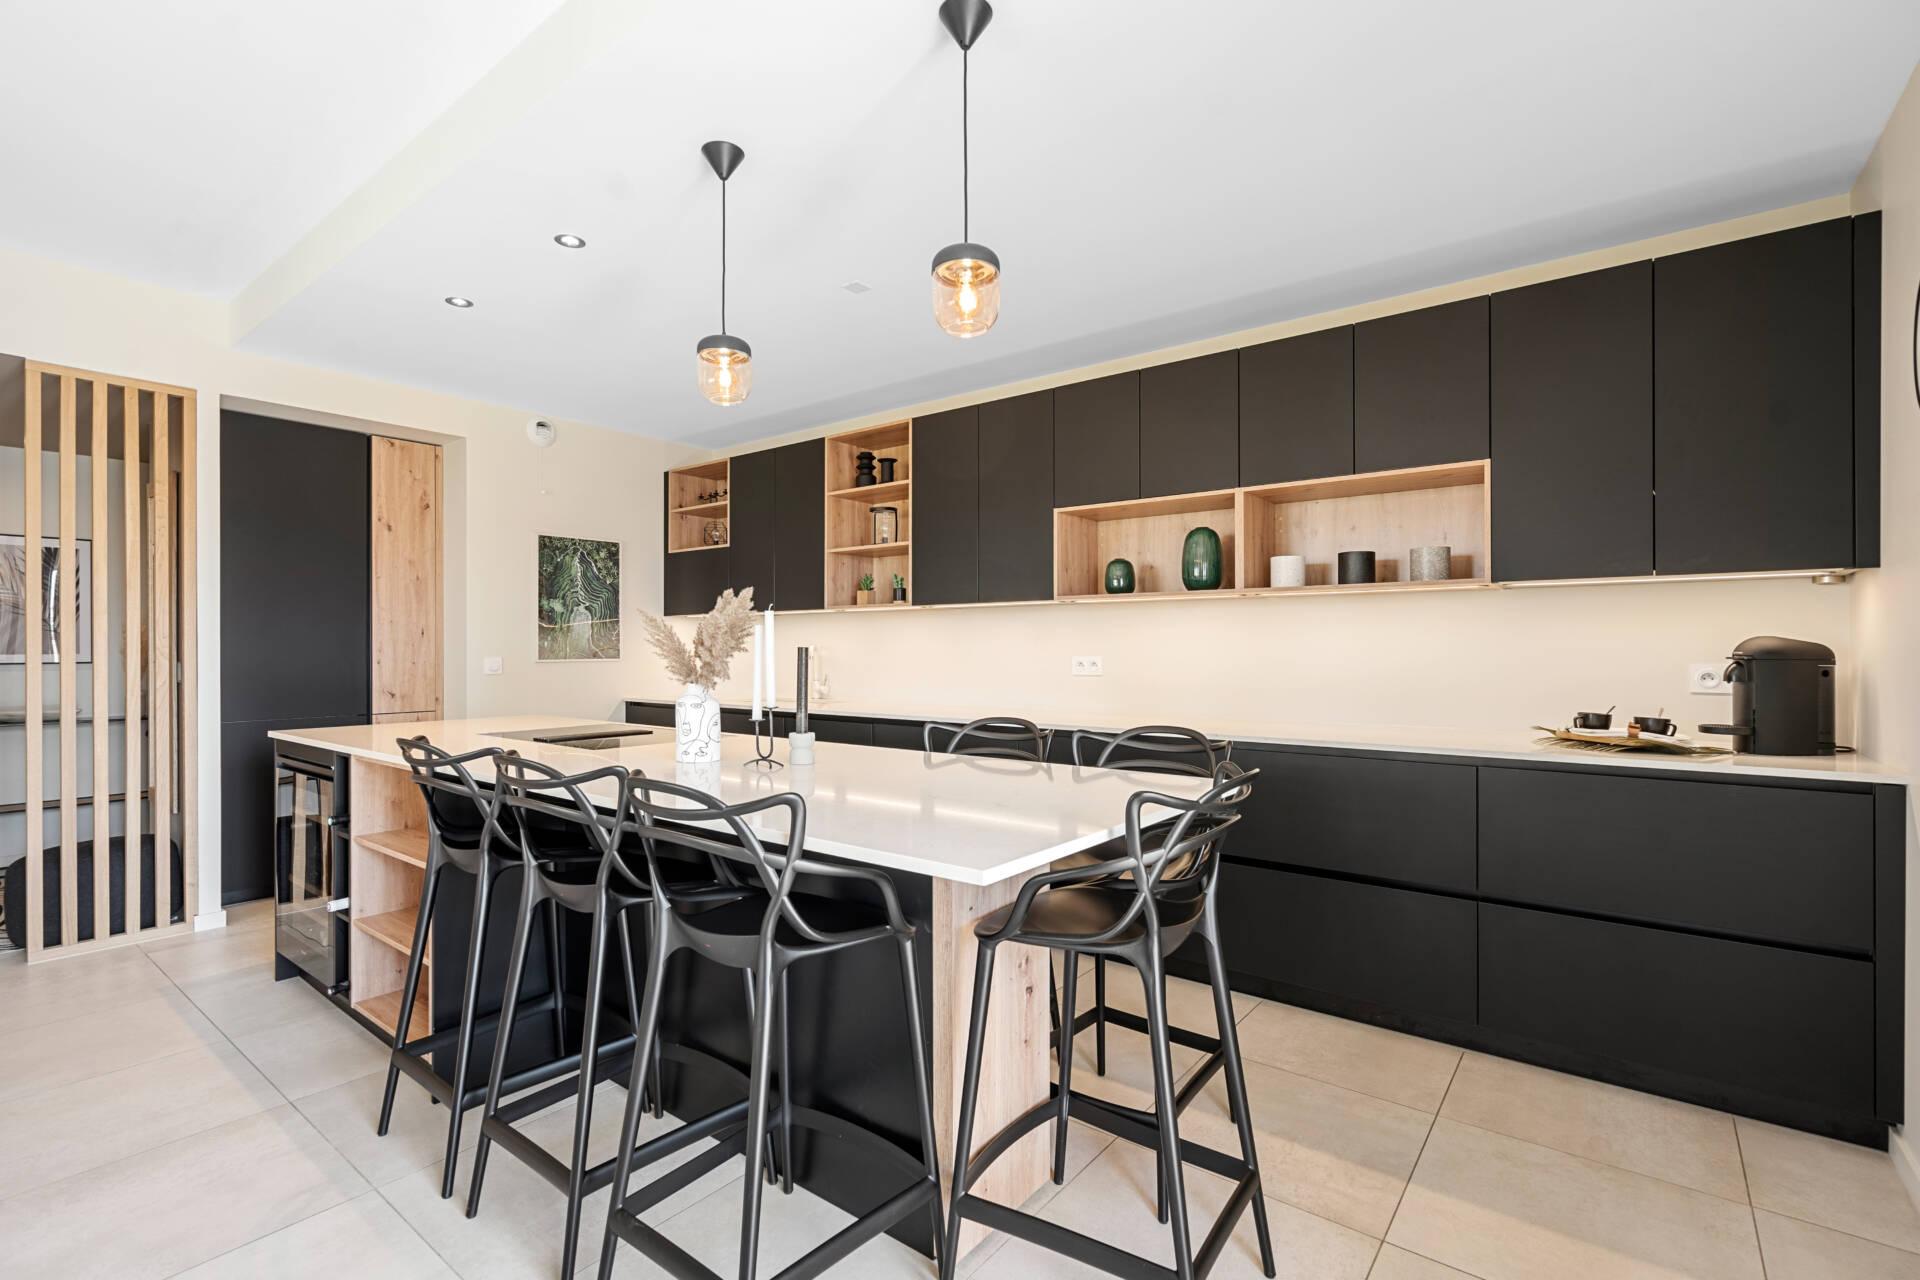 Décoration et agencement Appartement neuf Aix en Provence - cuisine noir et bois avec ilot central, par Myll décors , Agence de décoration à Aix en Provence et dans le Var